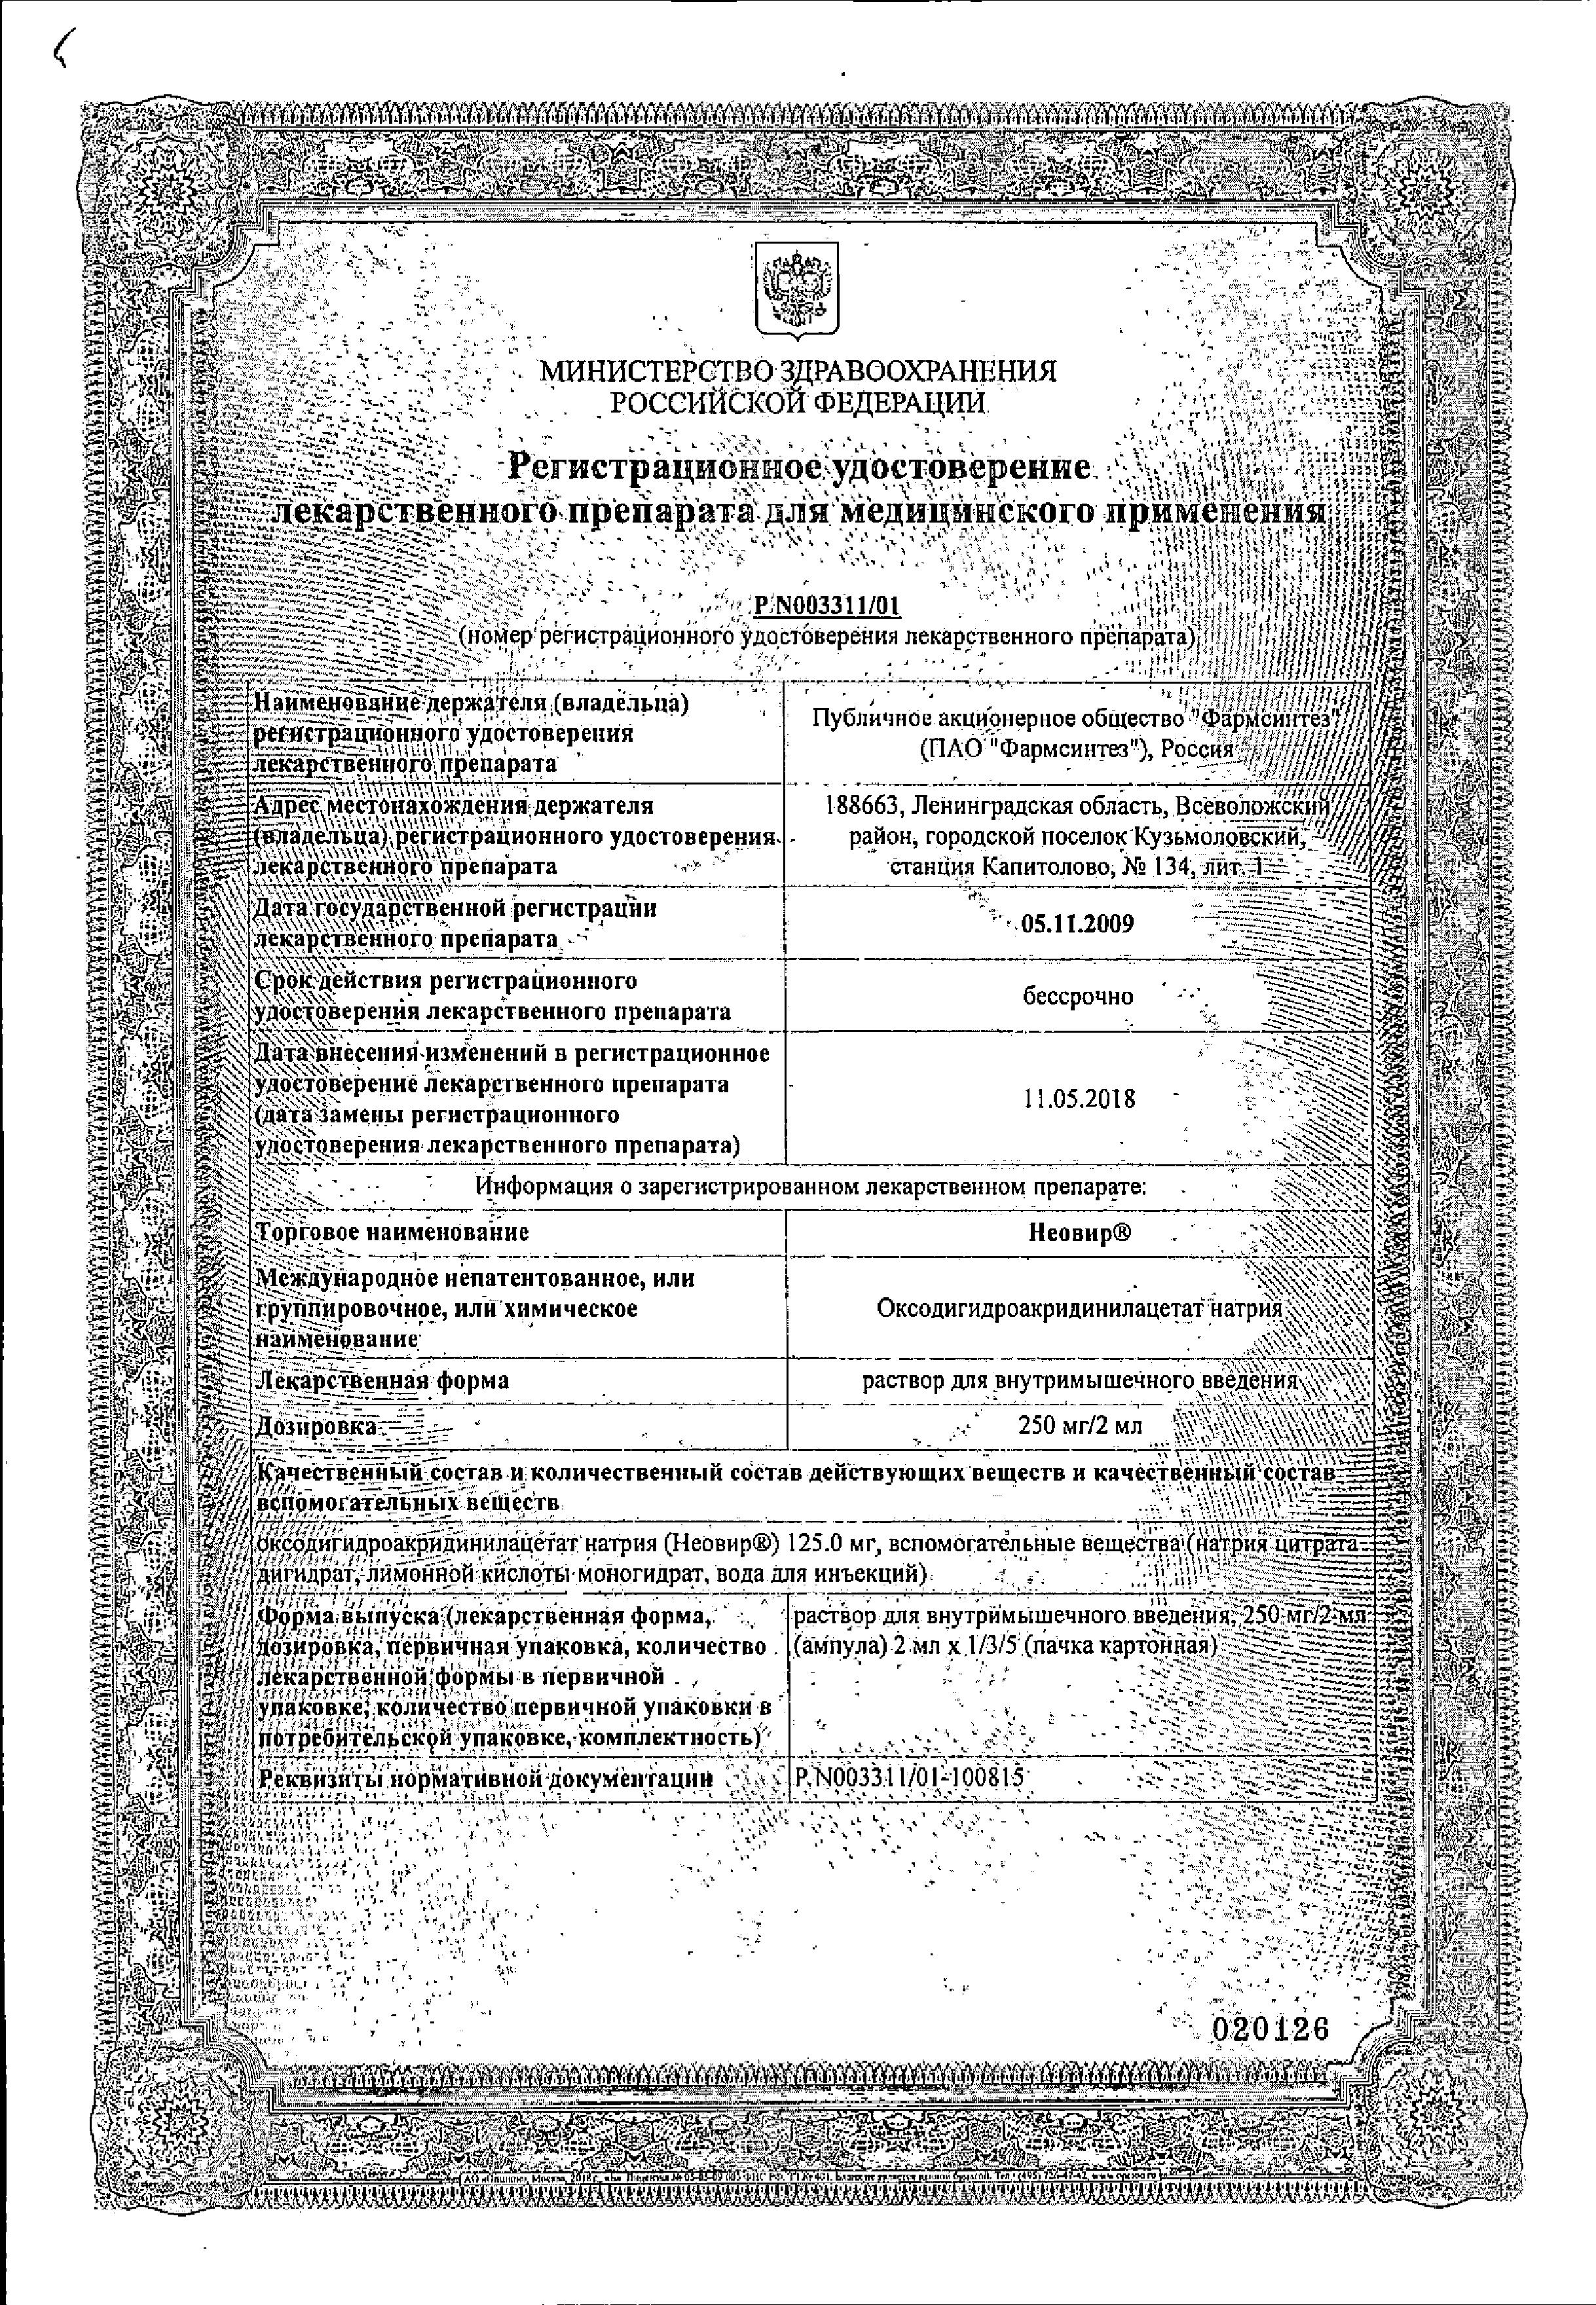 Неовир сертификат